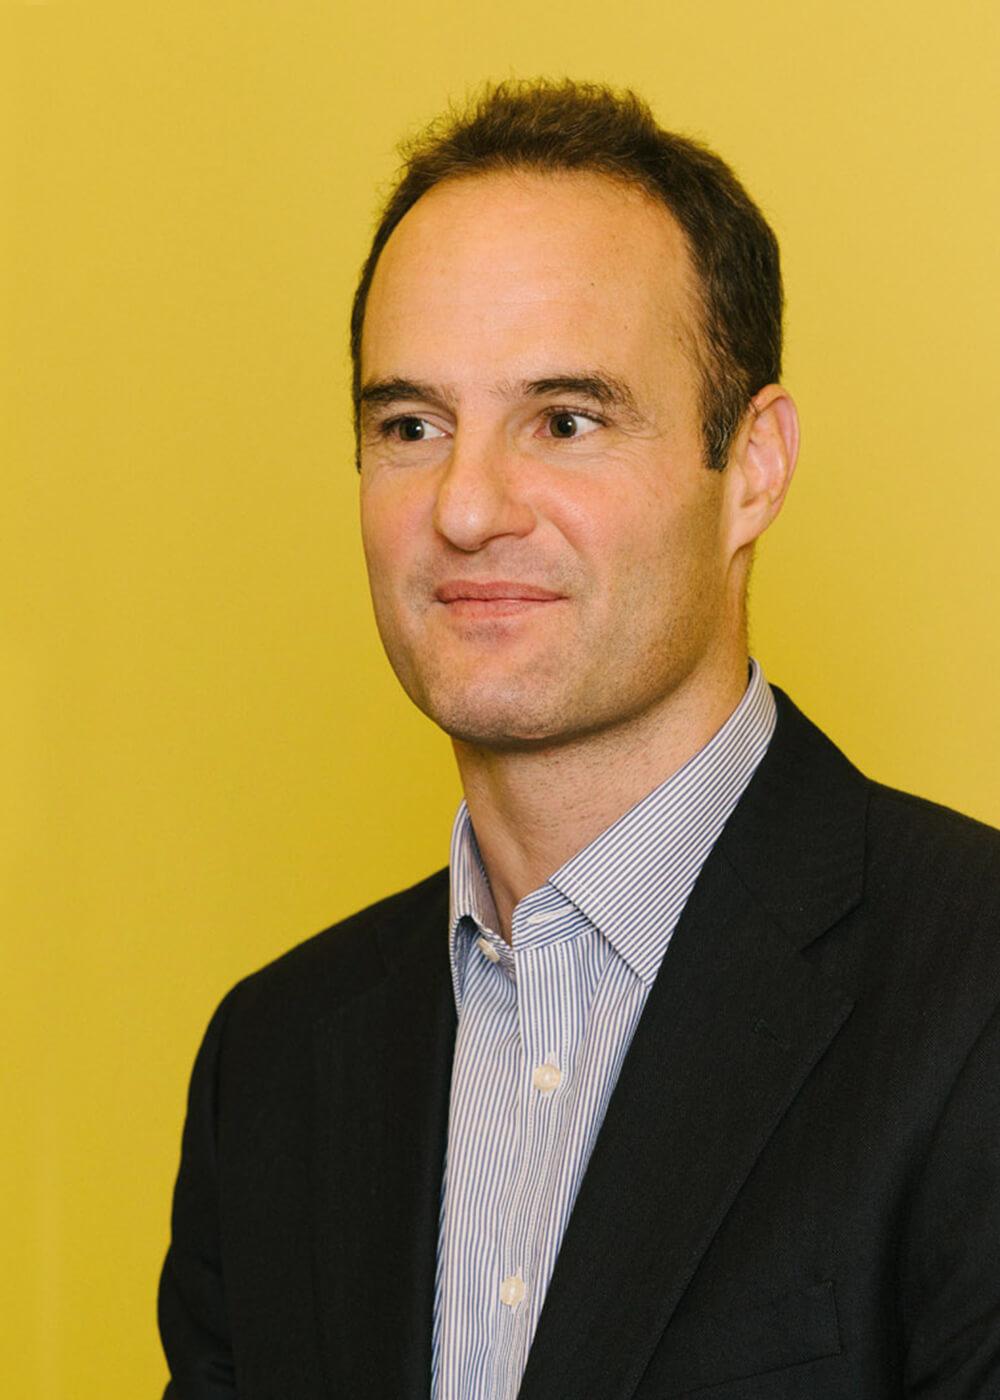 Jason Du Preez